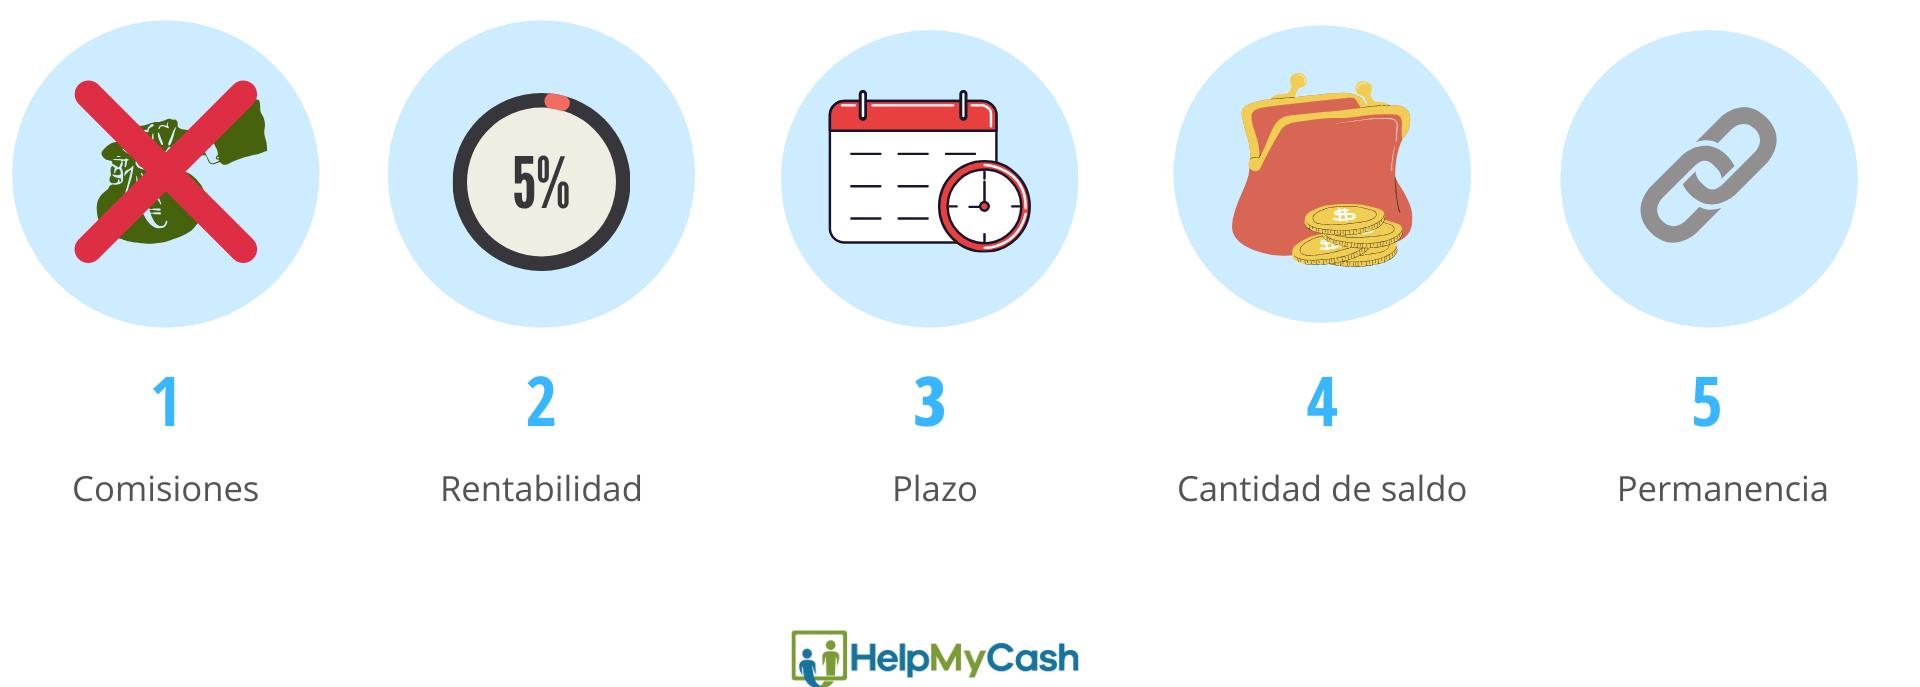 mejores cuentas remuneradas: 1- sin comisiones. 2- rentabilidad.3- plazo. 4- cantidad de saldo. 5- permanencia de la cuenta remunerada